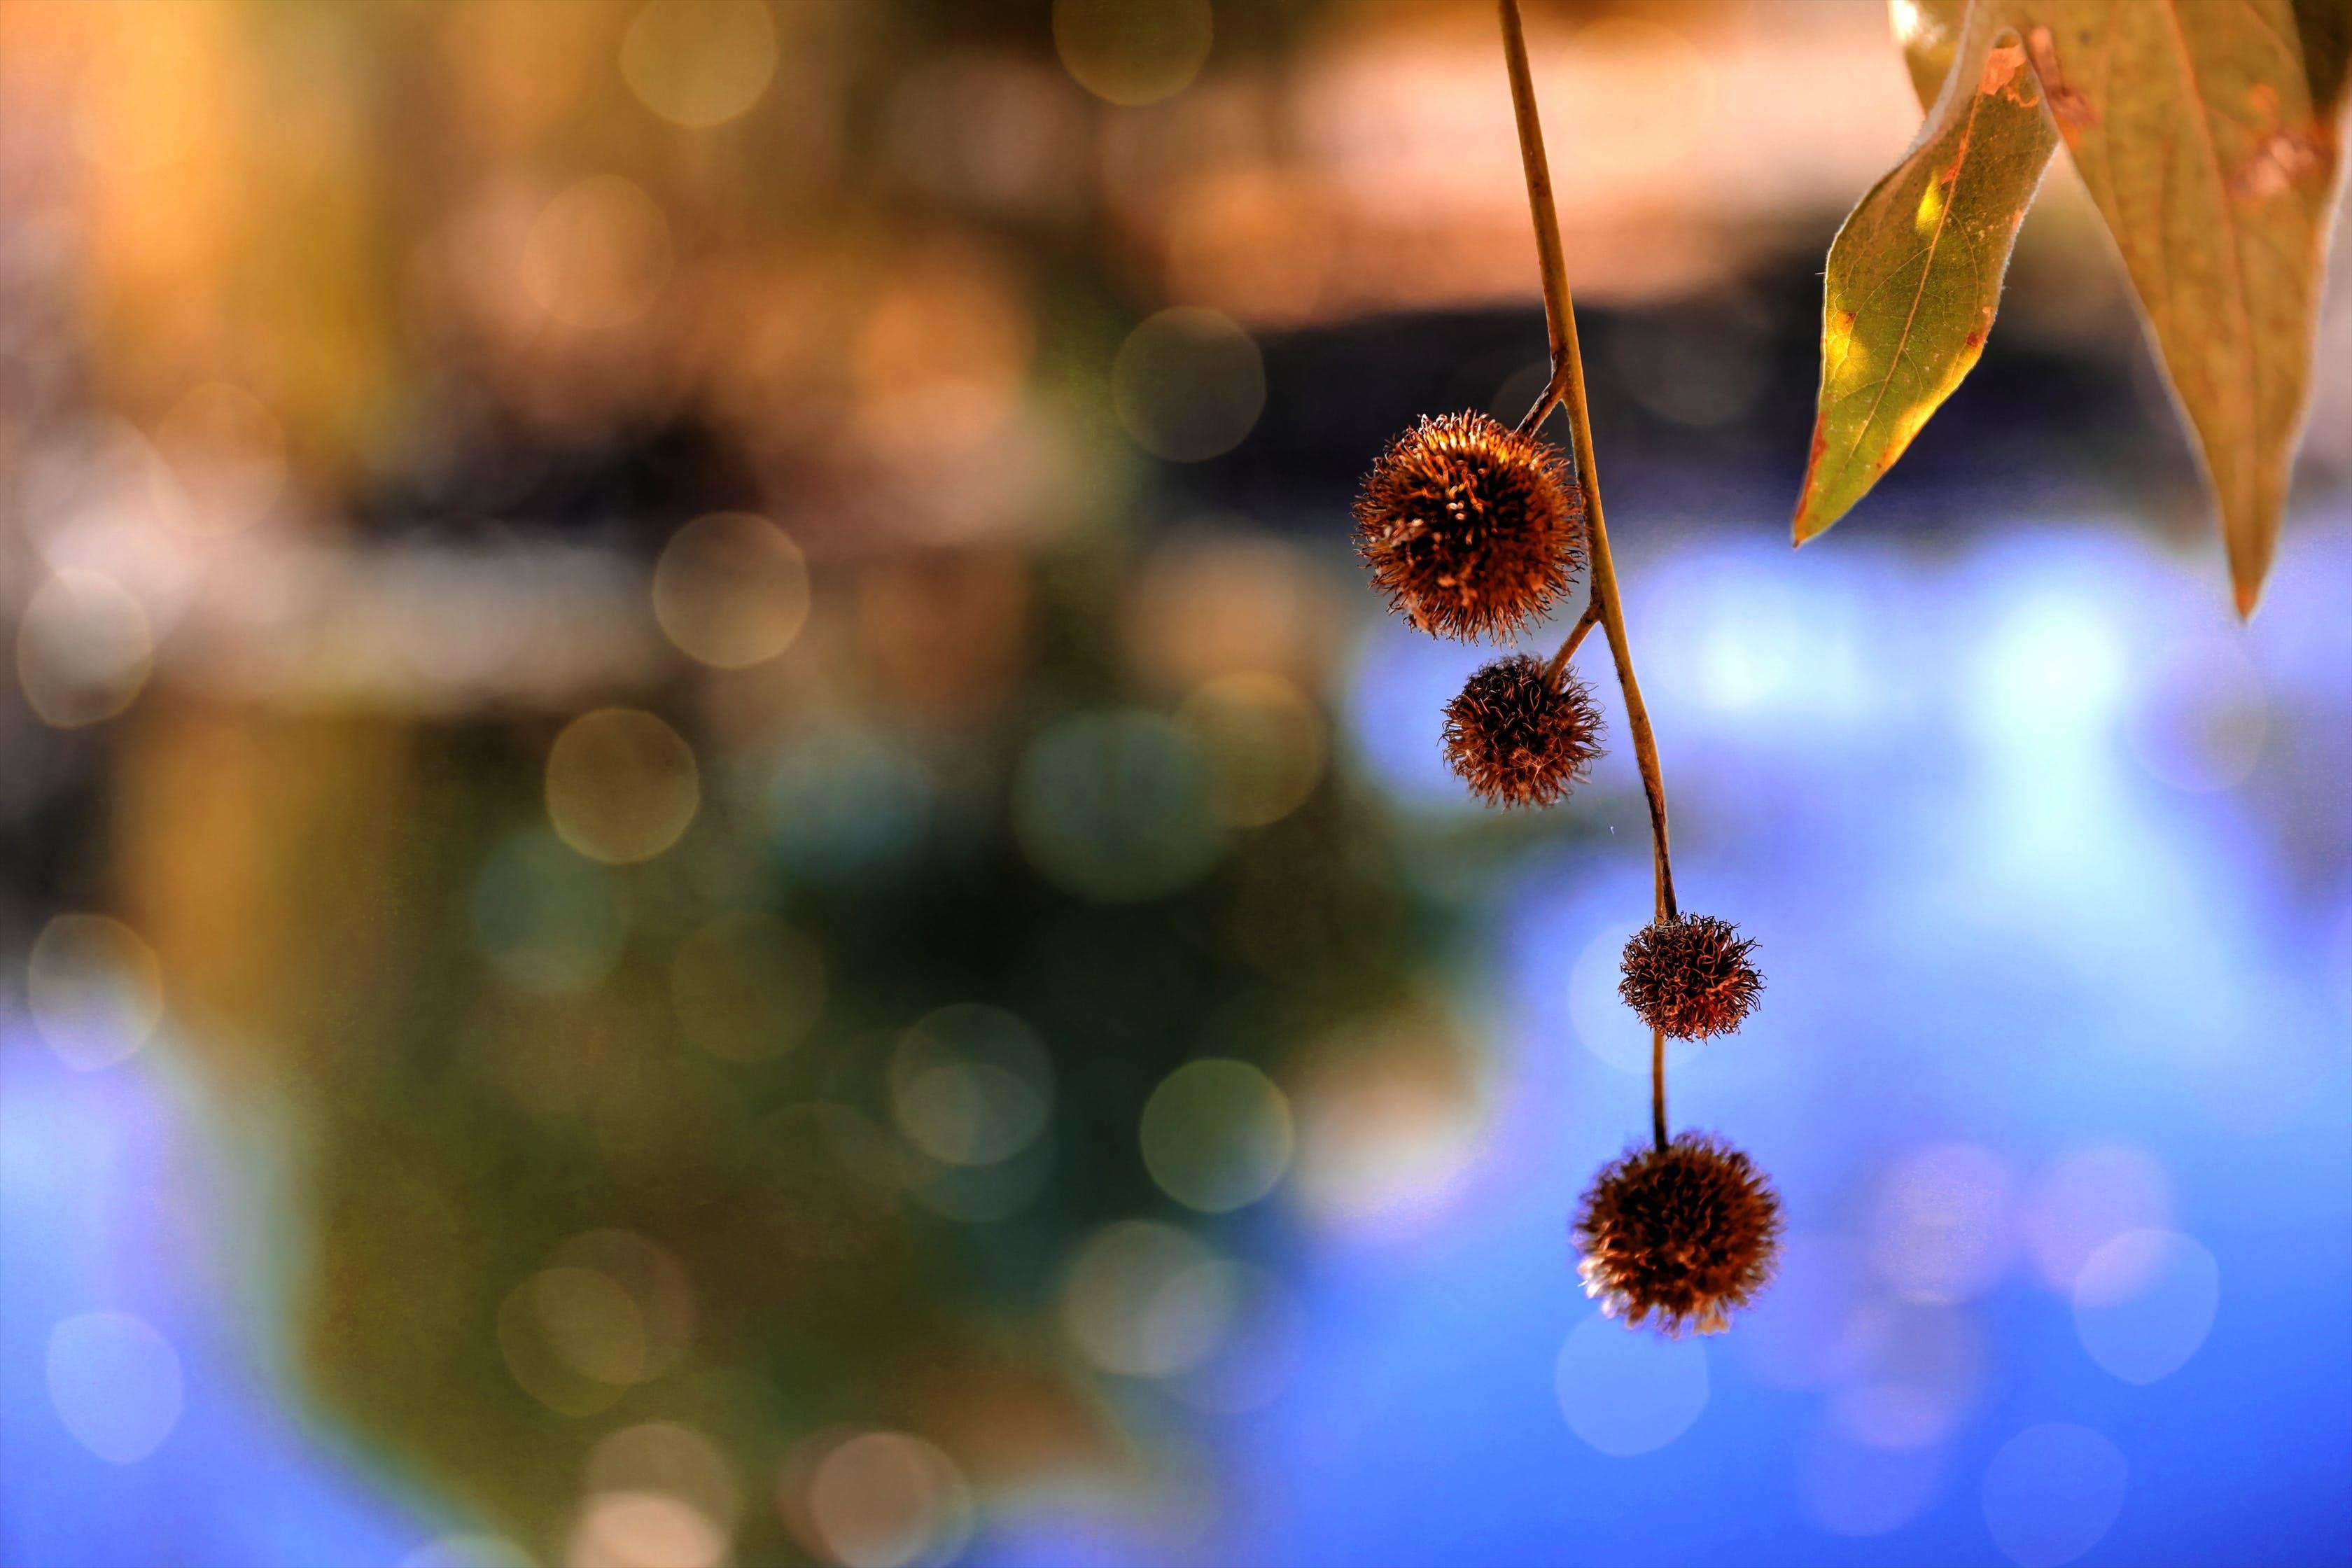 Red Flower Tilt Shift Photography